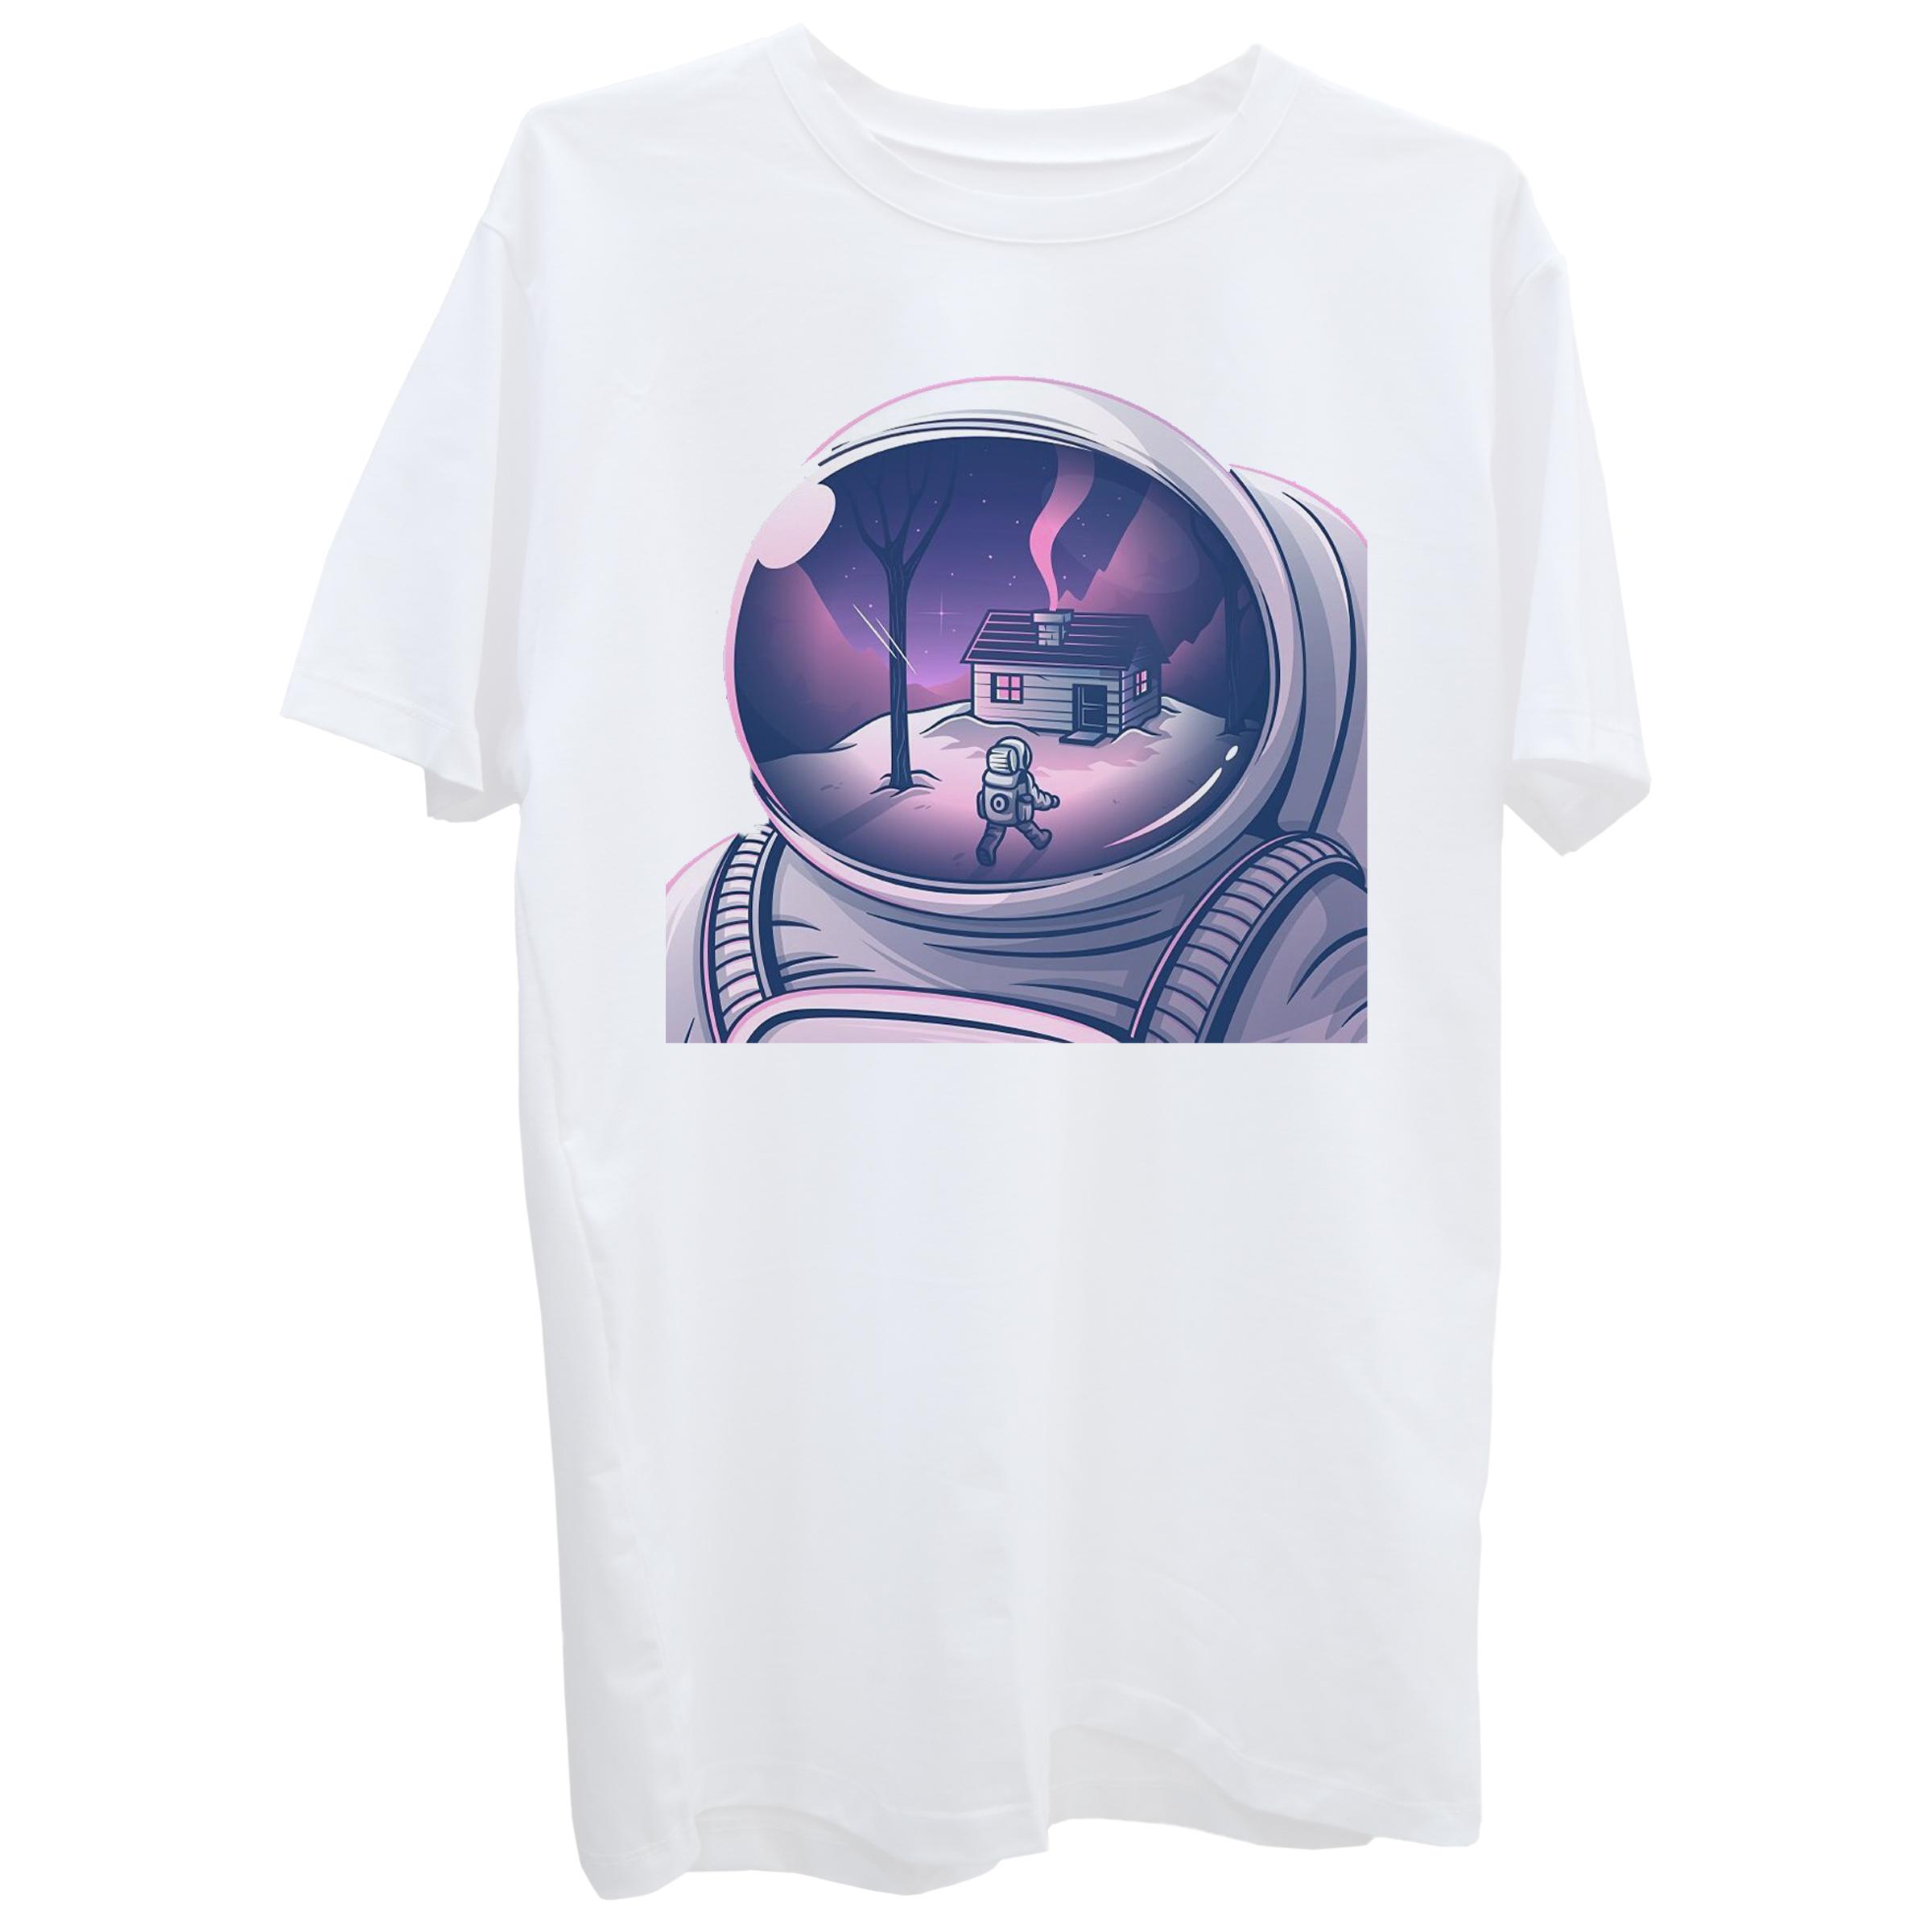 تی شرت آستین کوتاه زنانه طرح فضانورد کد Z377 -  - 2